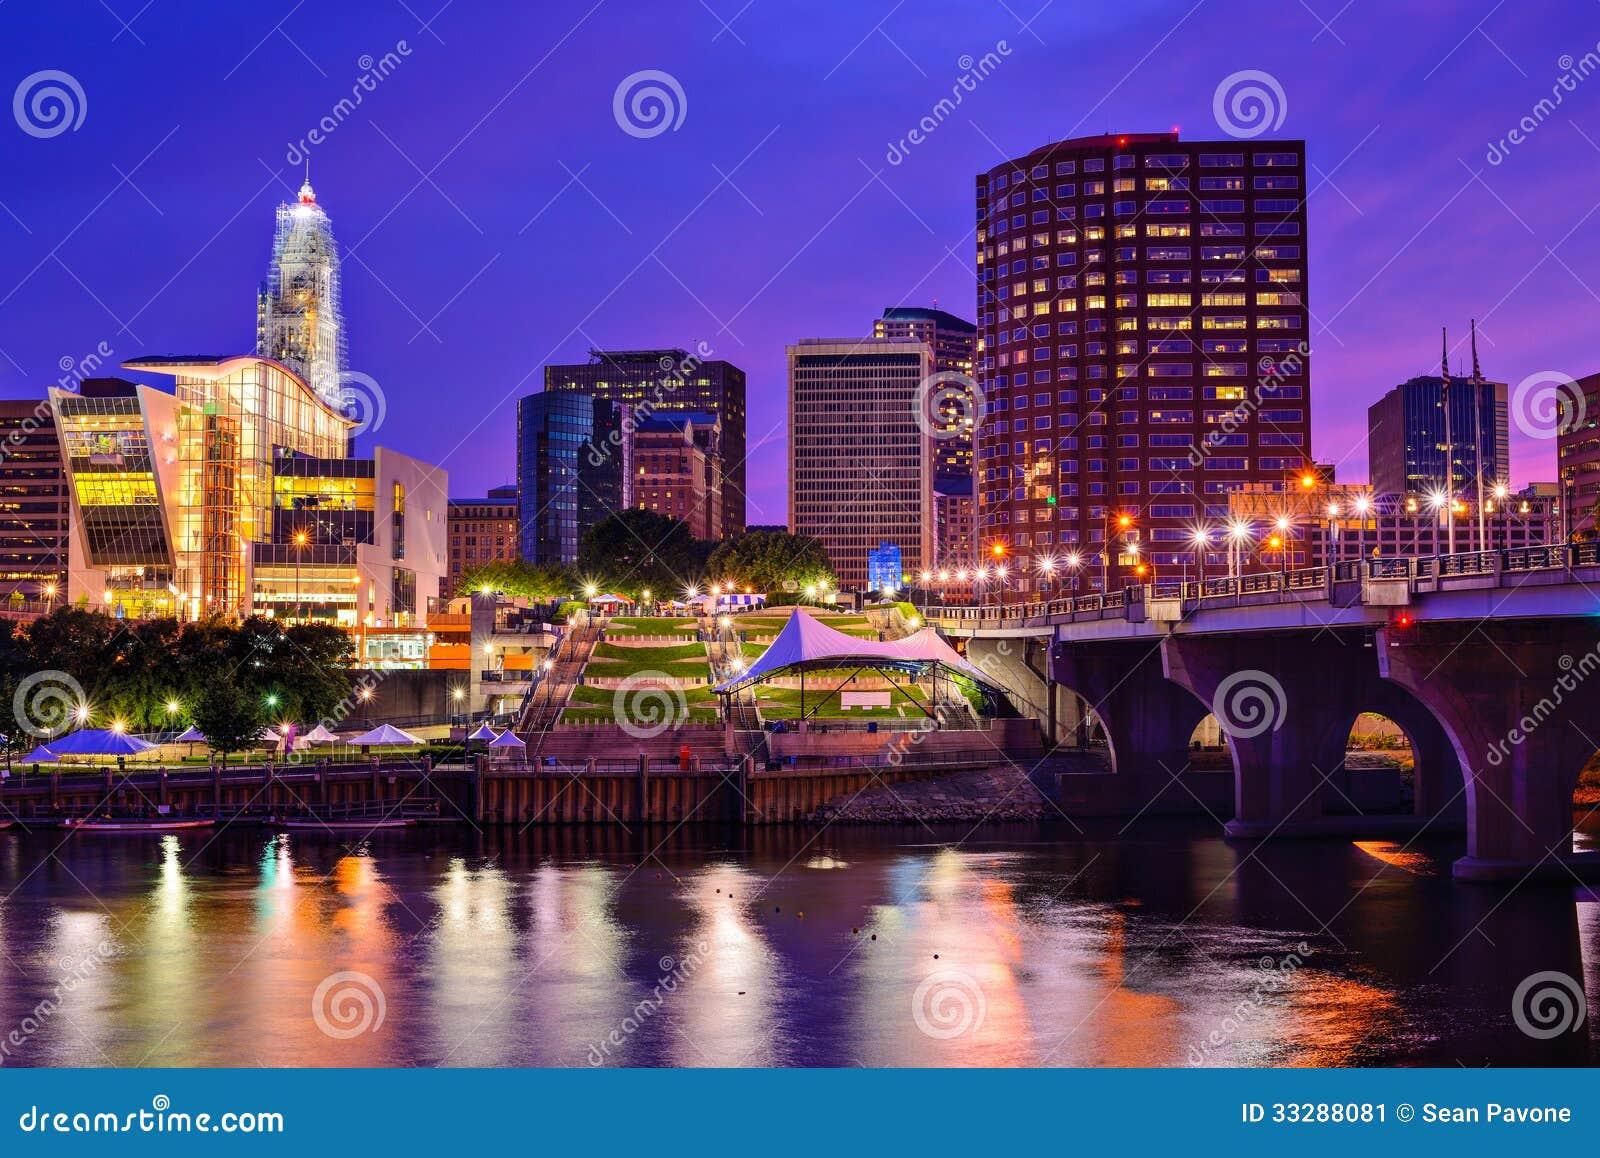 Skyline im Stadtzentrum gelegenen Hartfords, Connecticut